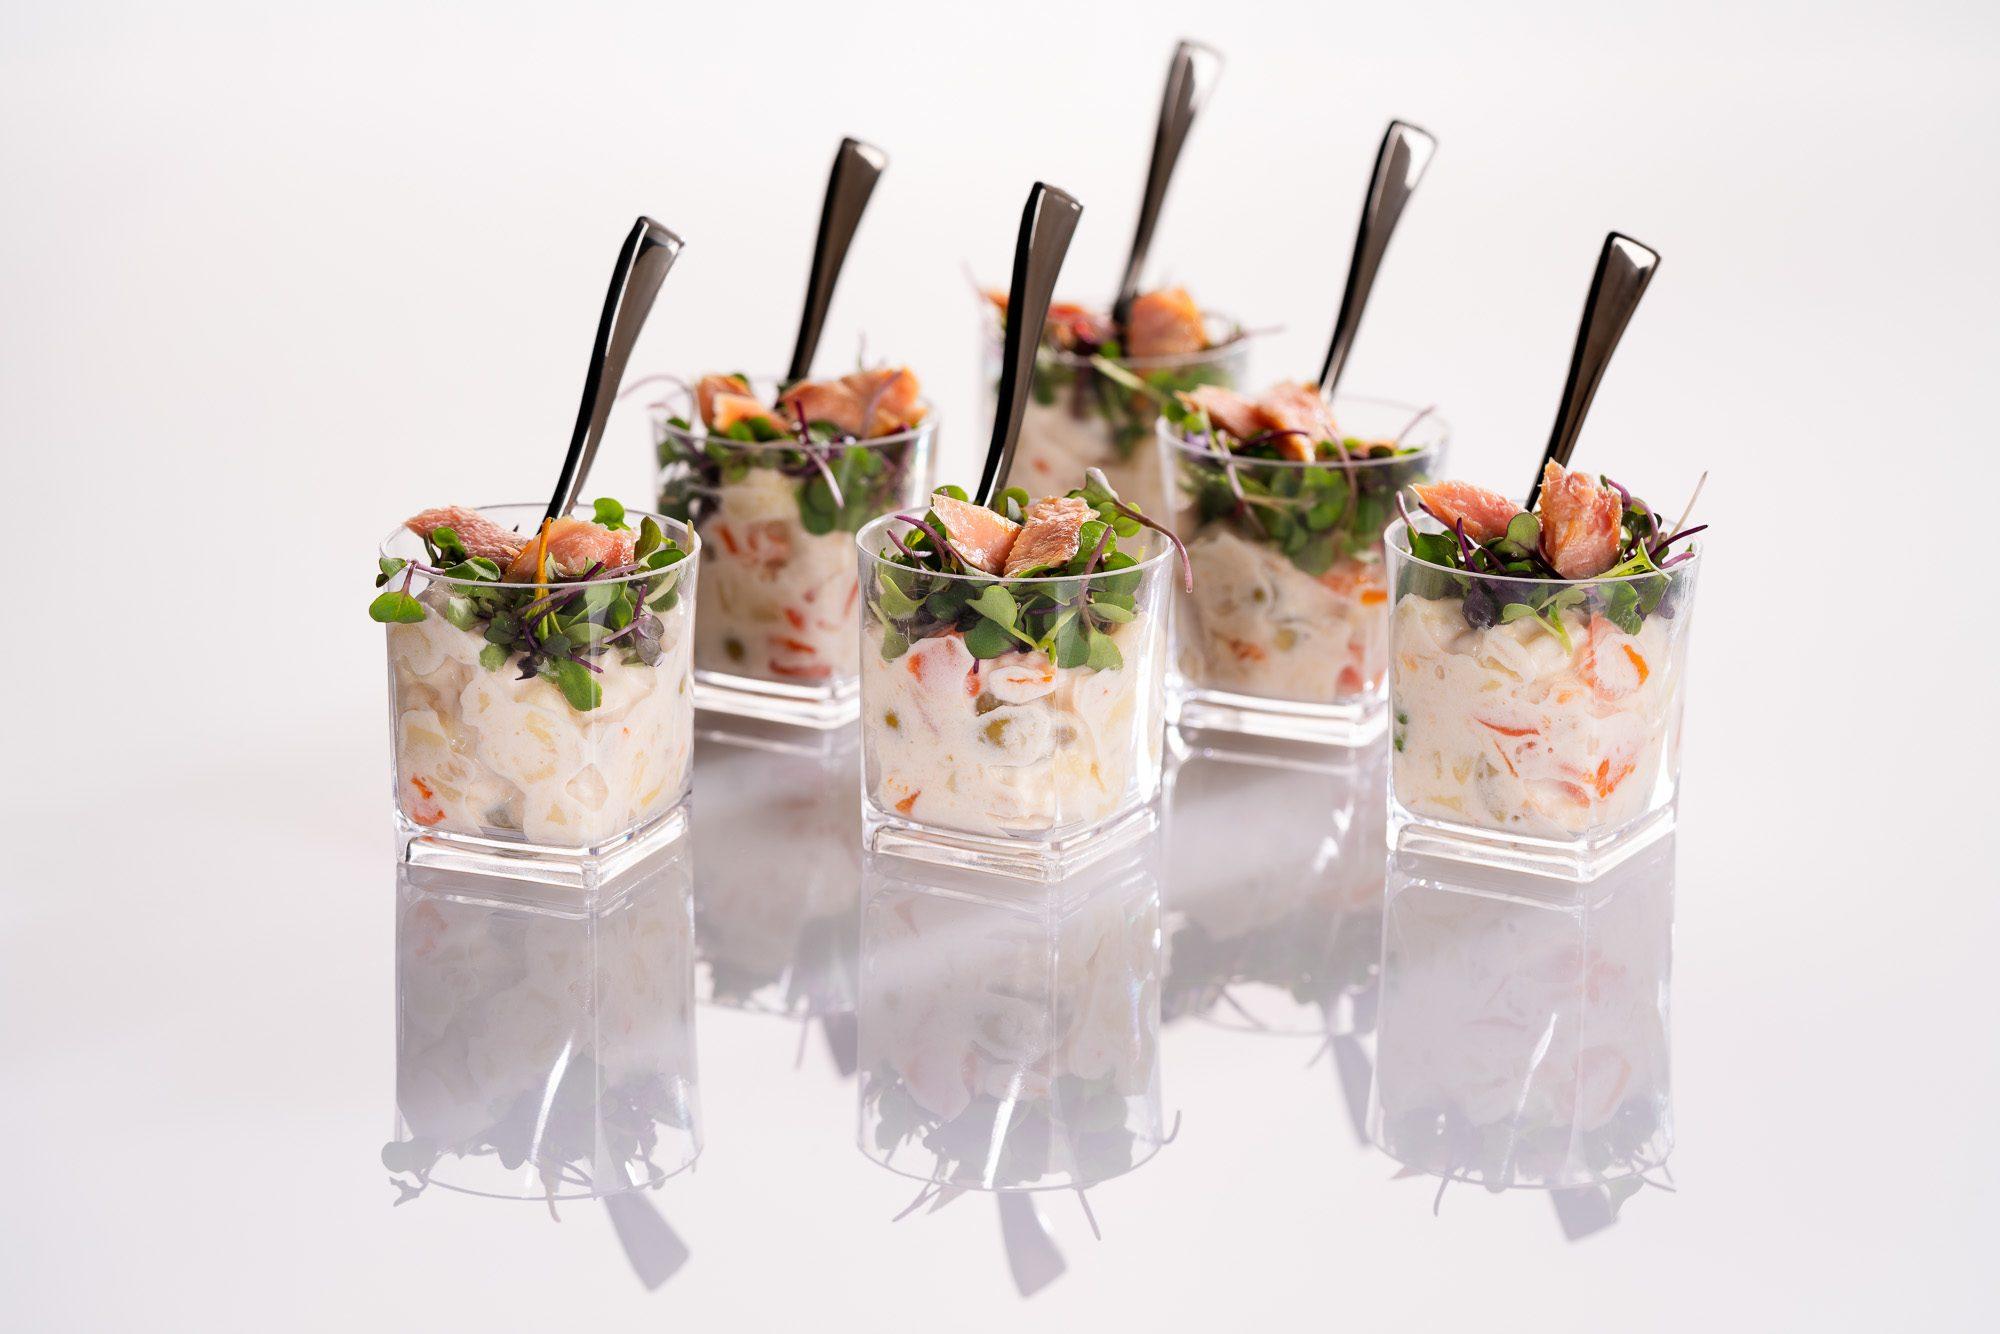 Cocktail de ensalada, mayonesa y pescado en un vaso